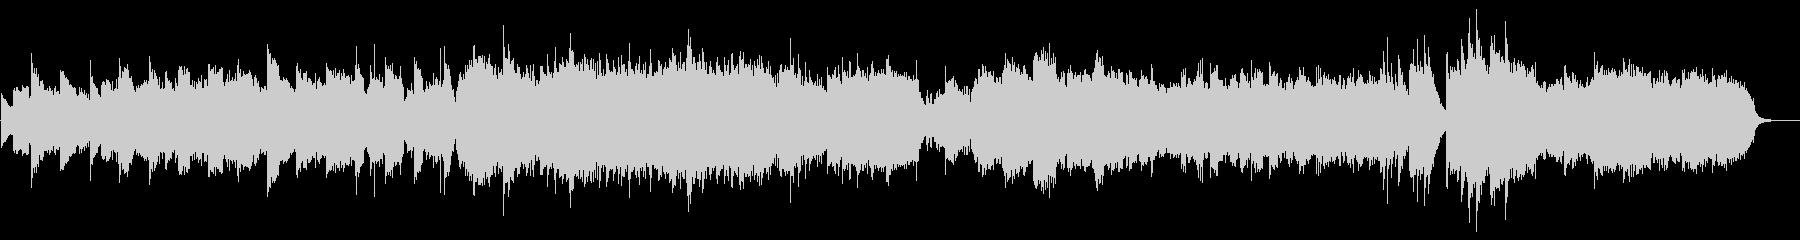 小編成での穏やかな感動系日常曲の未再生の波形